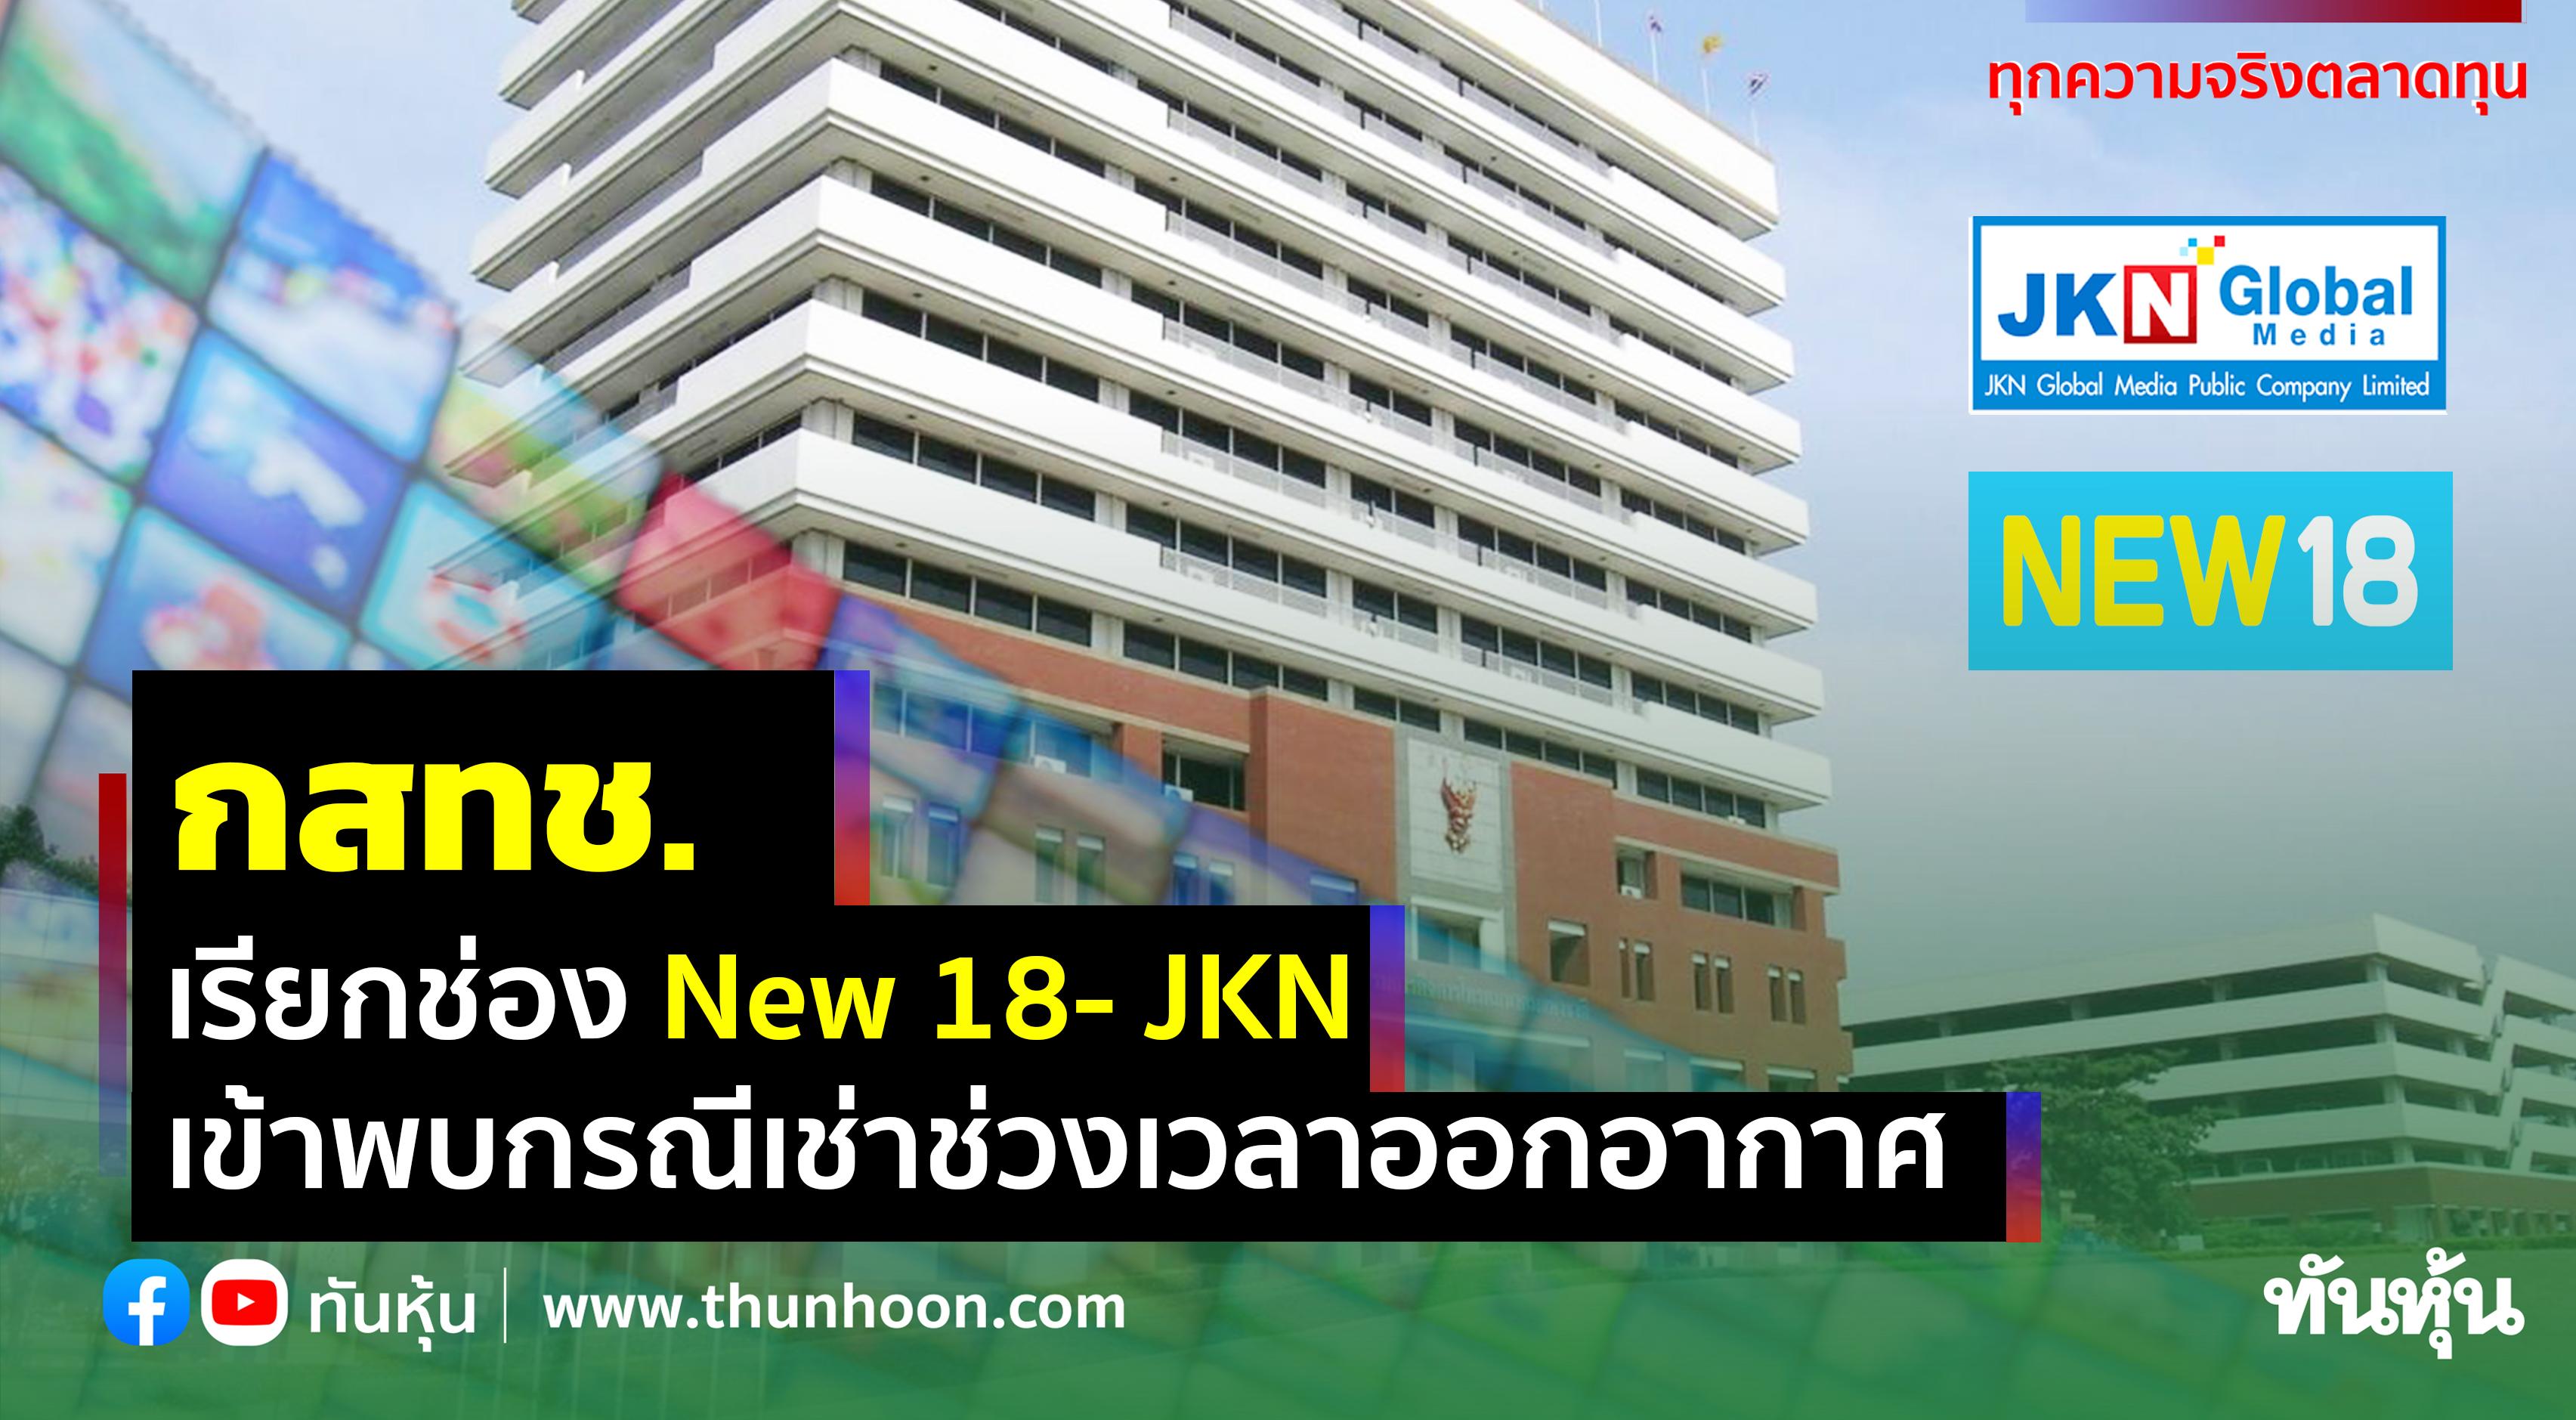 กสทช. เรียกช่อง New 18- JKN เข้าพบกรณีเช่าช่วงเวลาออกอากาศ